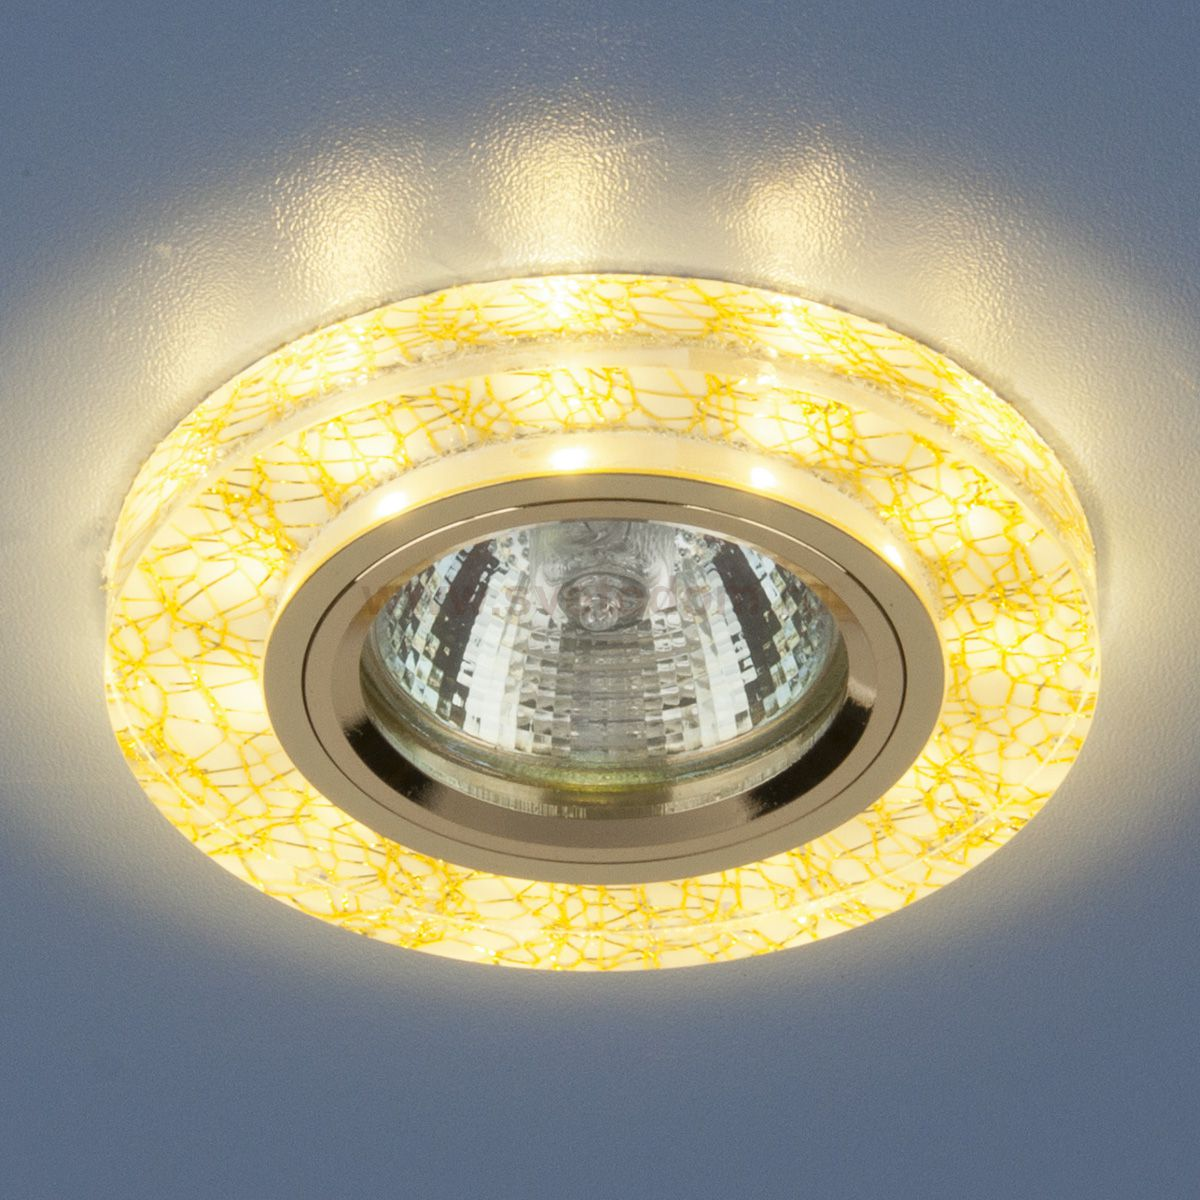 фото точечных светильников светодиодные все модели как ежики тумане